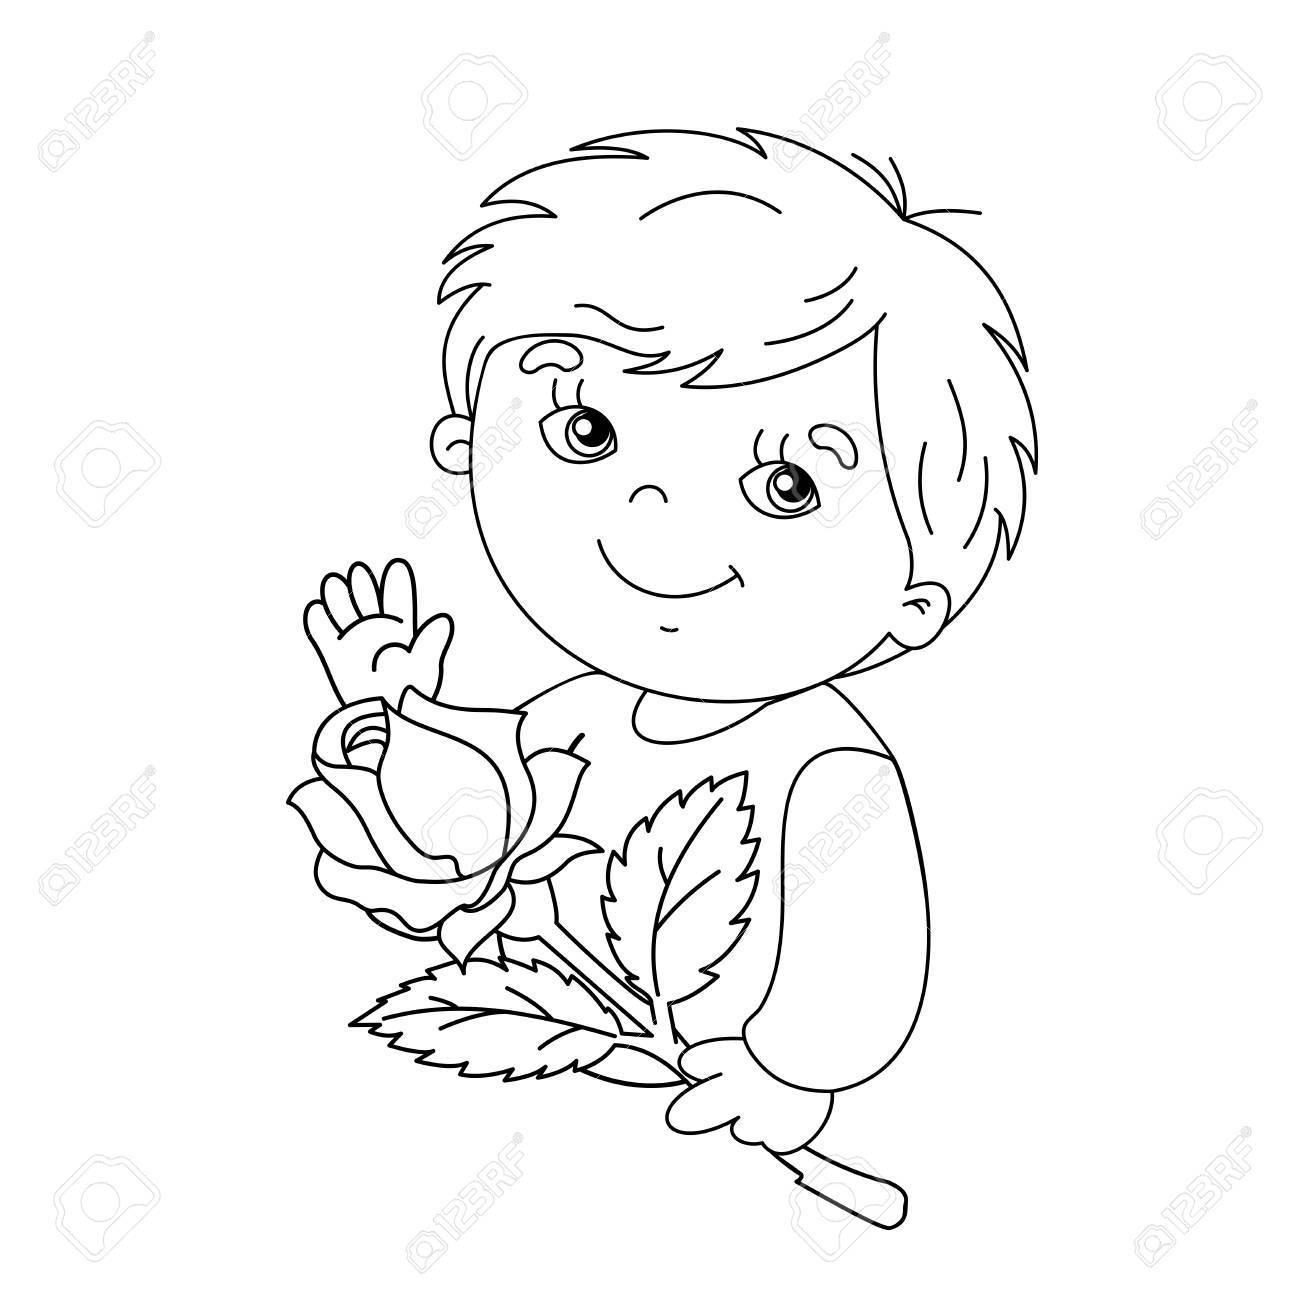 Dibujo Para Colorear Silueta De Un Niño Lindo Con La Rosa En La Mano